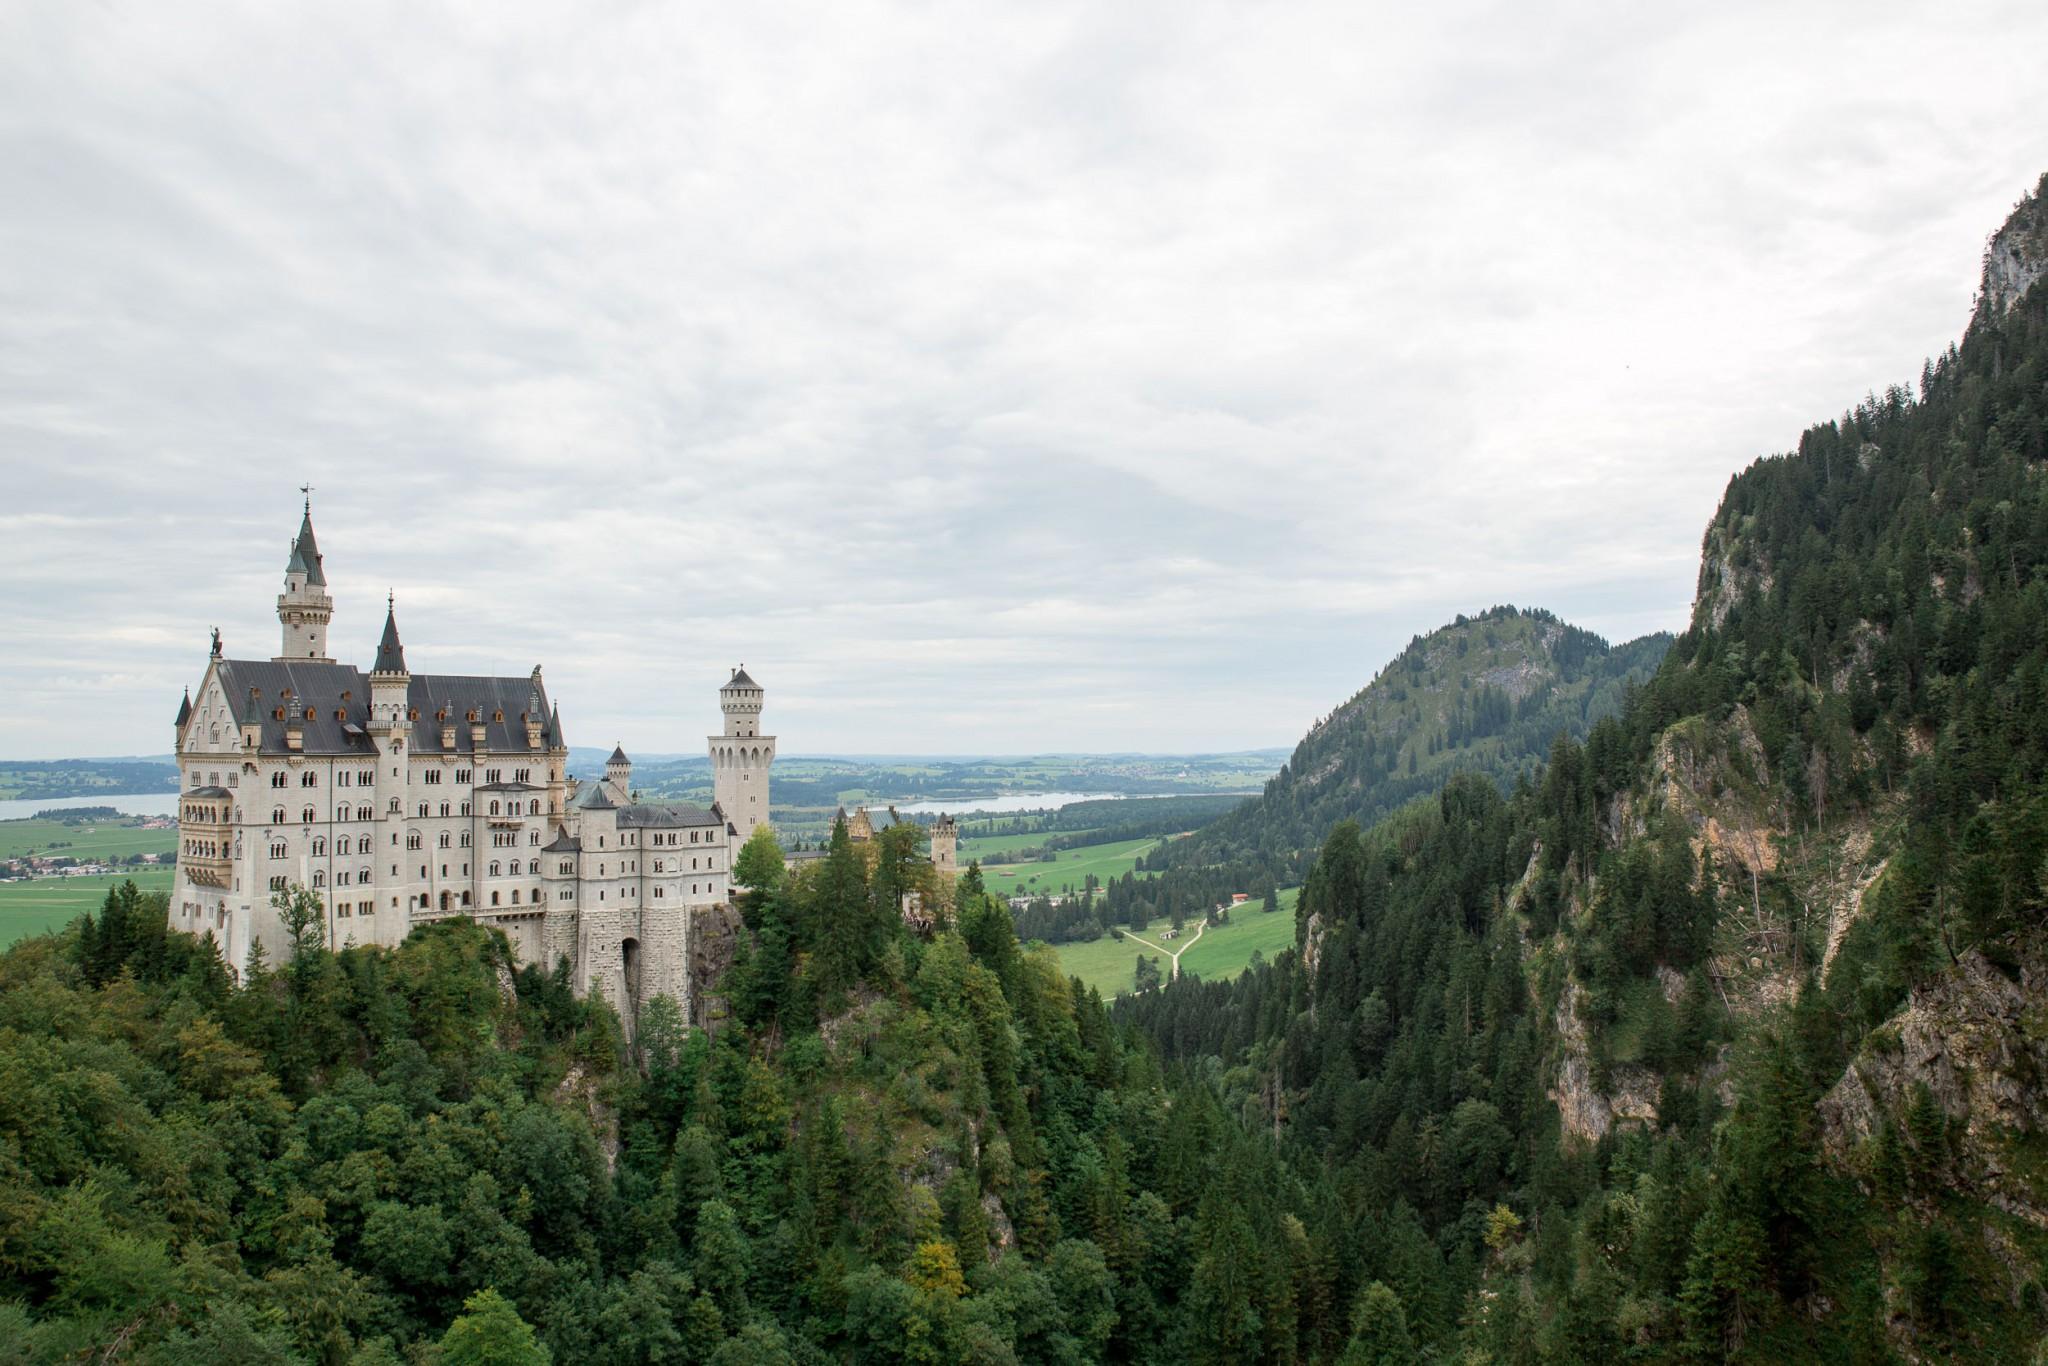 Schloss Neuschwanstein - Eins der schönsten Schlösser dieser Welt